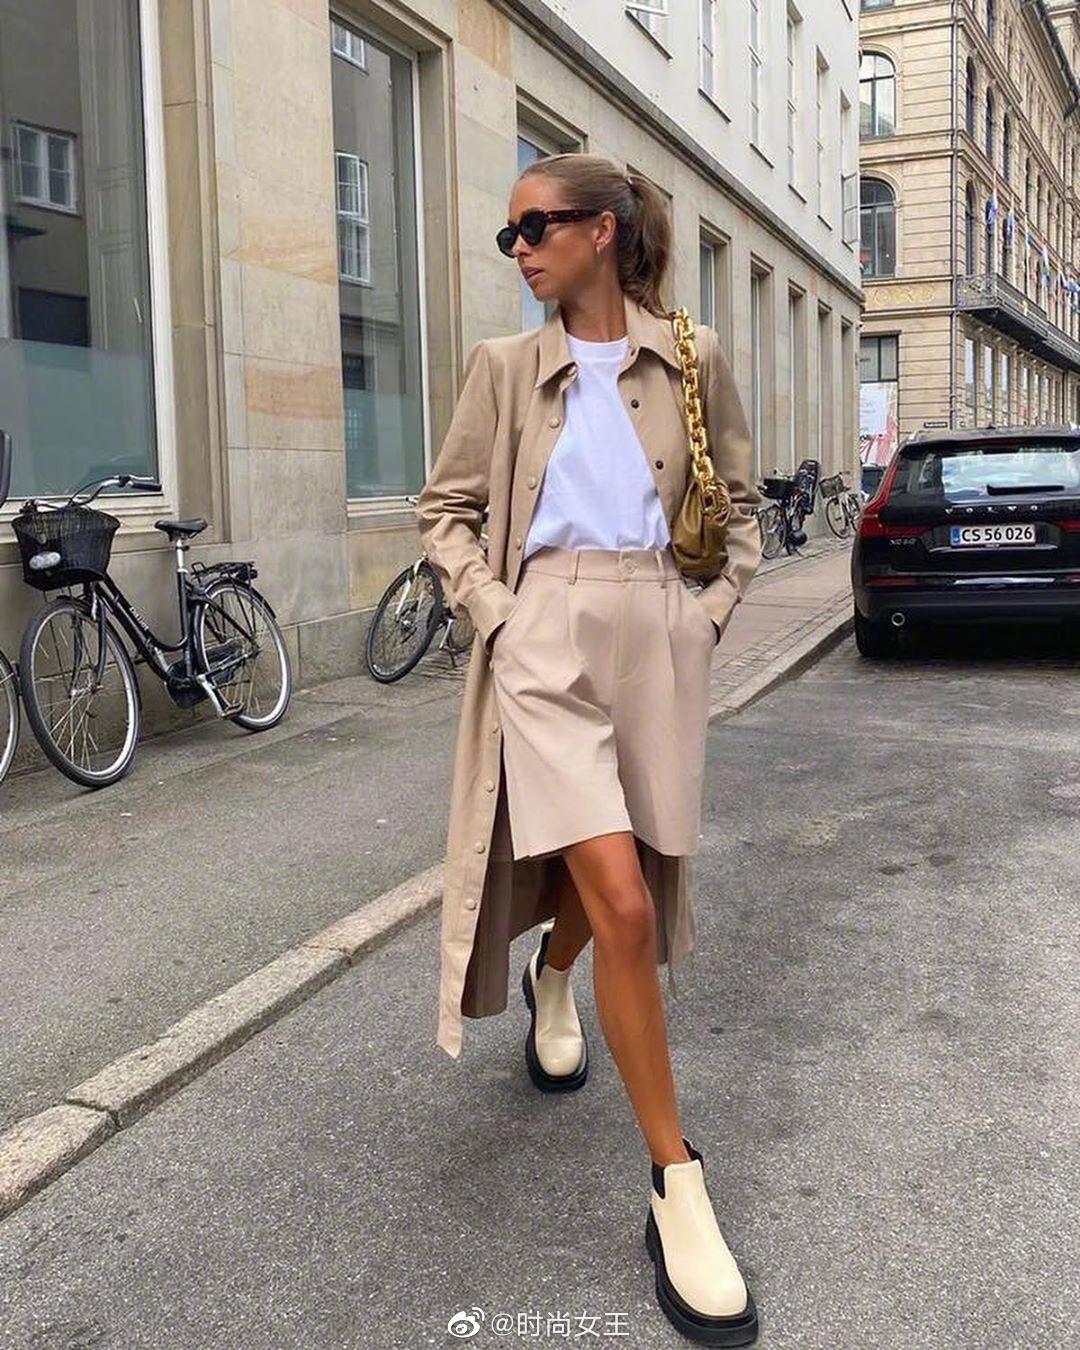 今年初秋的穿搭必备时尚单品短靴一定能排上榜单!